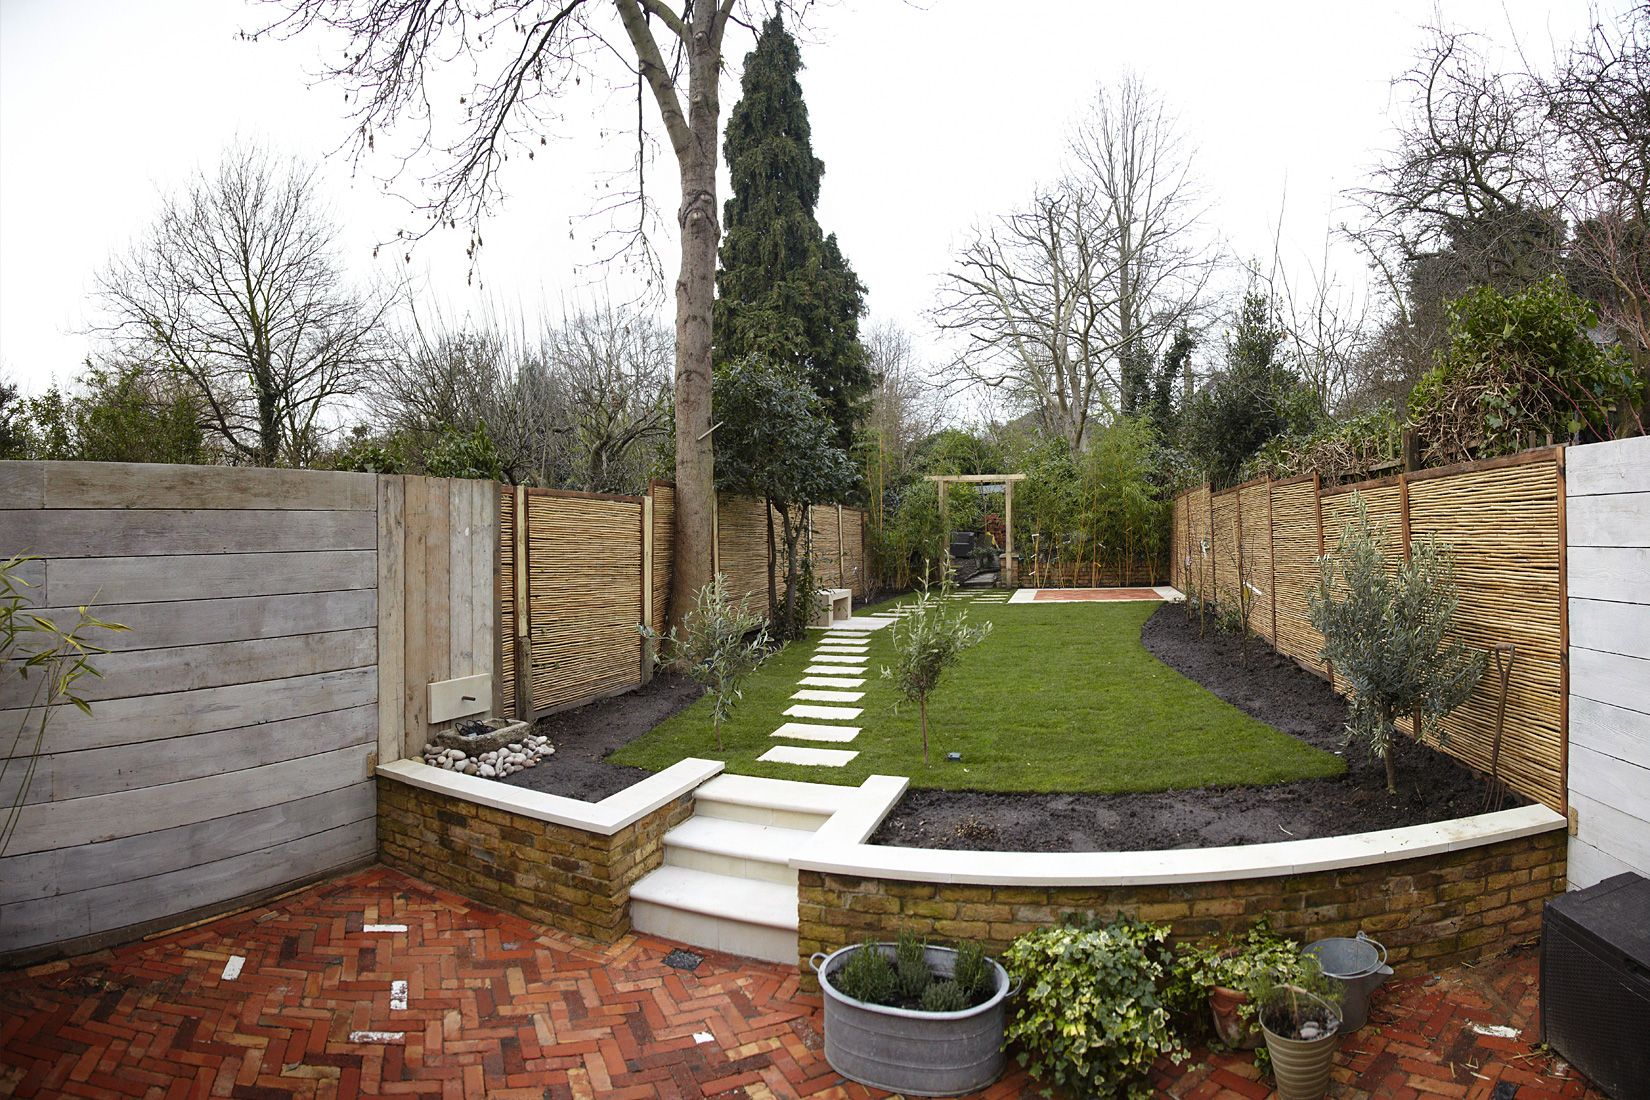 Split level garden | Small garden design, Sloped garden ... on Split Level Backyard Ideas id=13758